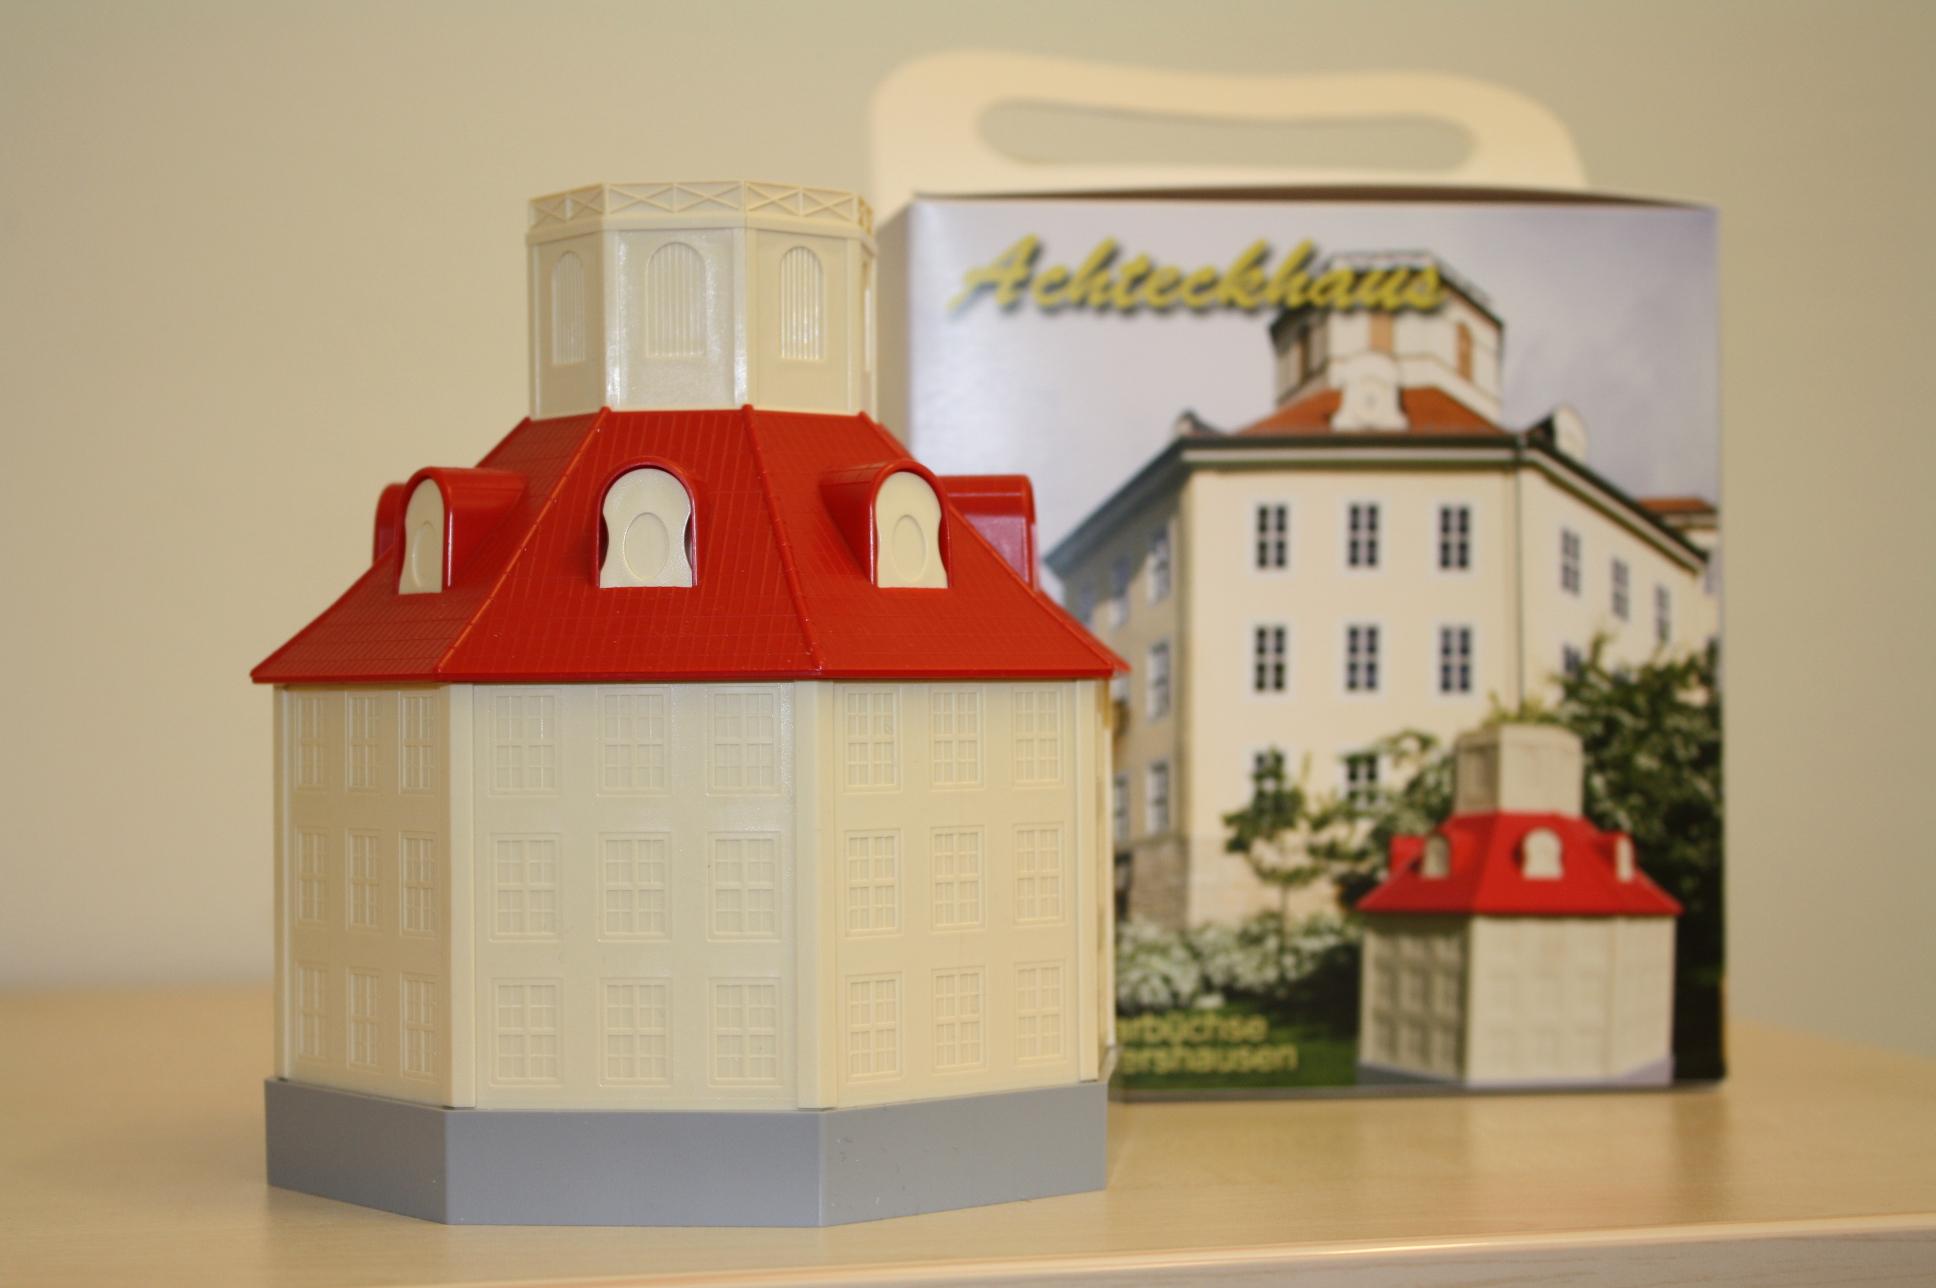 Achteckhaus - die Spardose aus Sondershausen